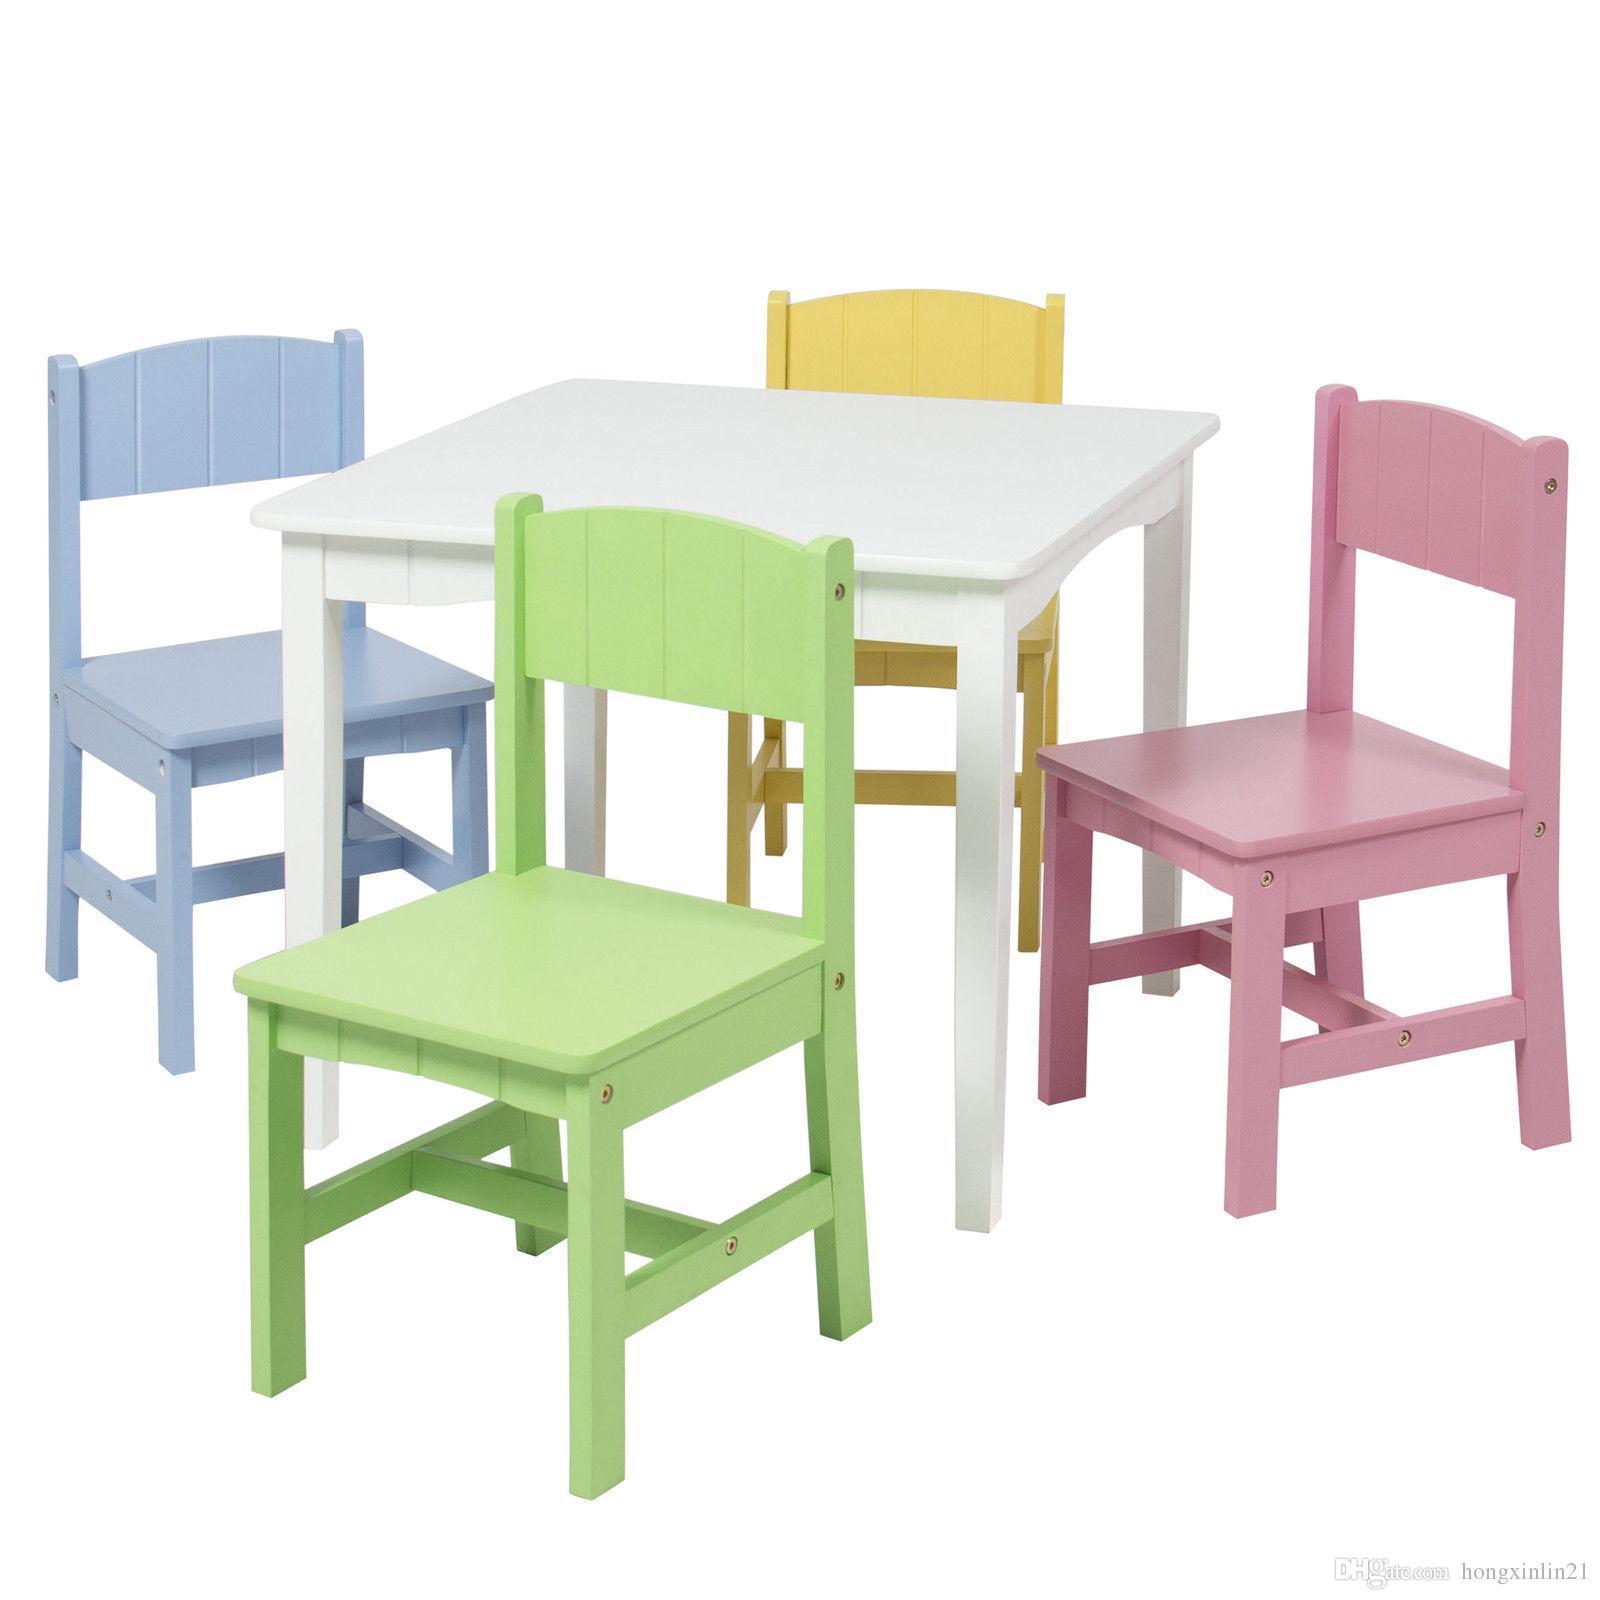 Sedie E Tavoli In Legno Per Bambini.Acquista Tavolo Da Gioco Bambini In Legno E 4 Sedie A 75 37 Dal